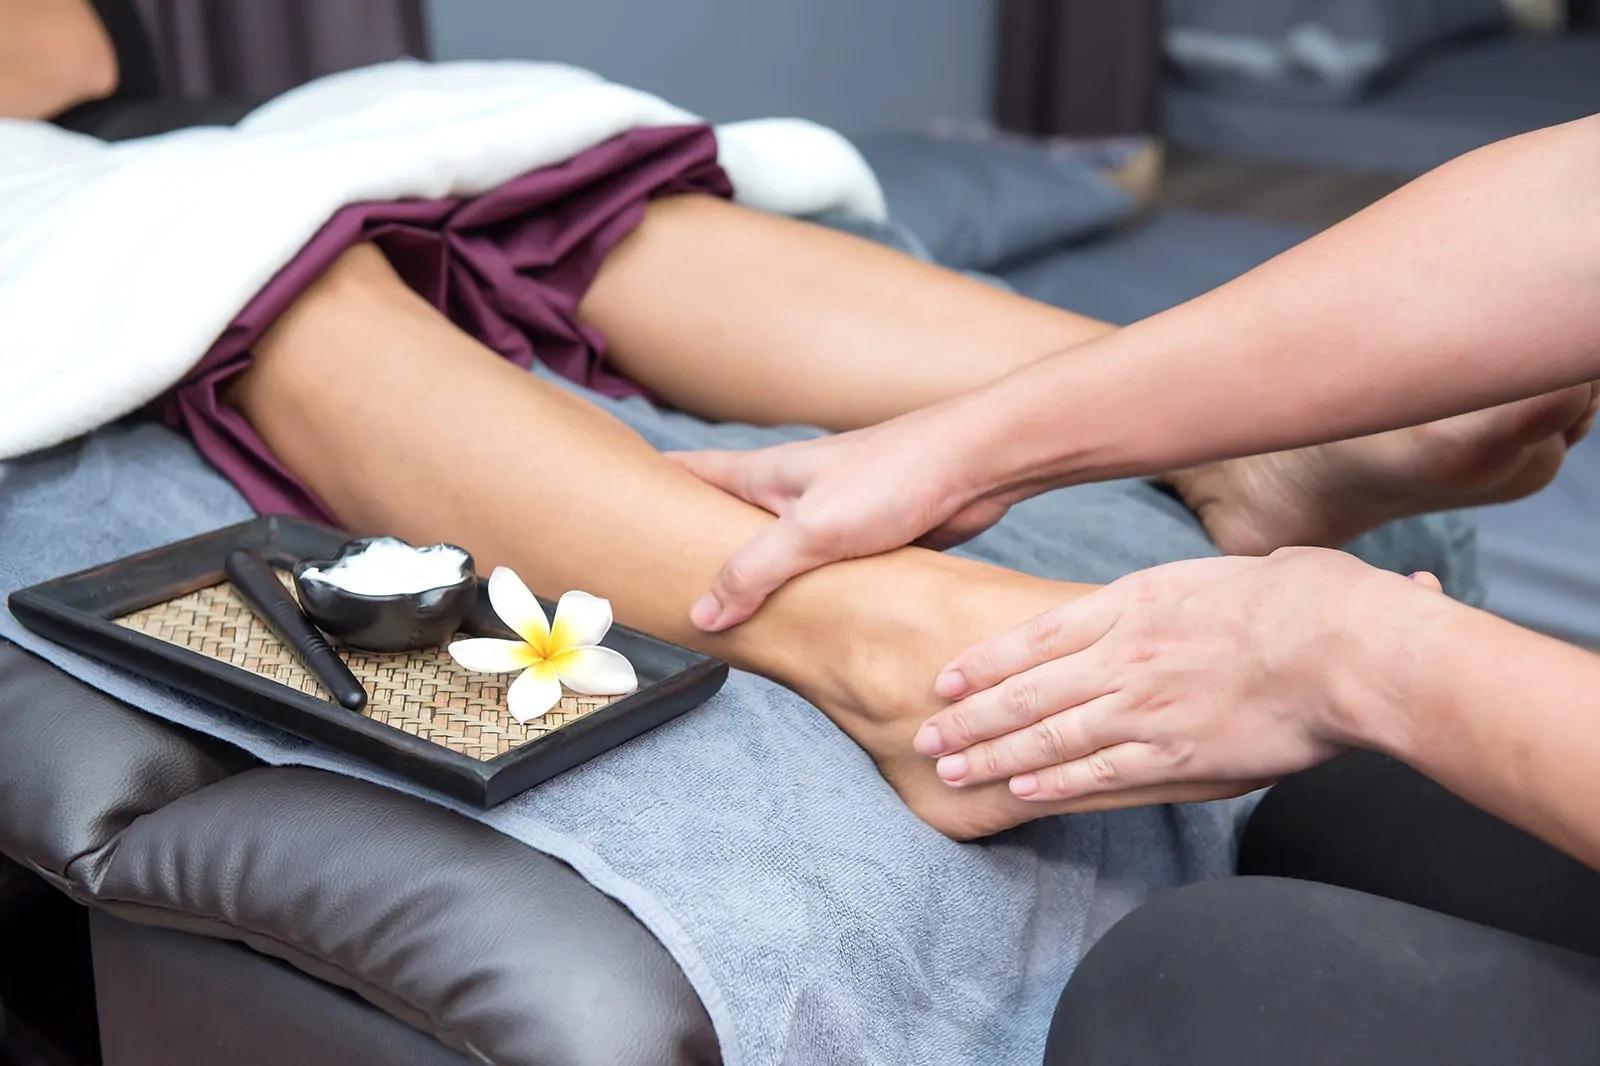 tratamentul articulațiilor falangelor mâinilor care tratează durerea în articulațiile mici